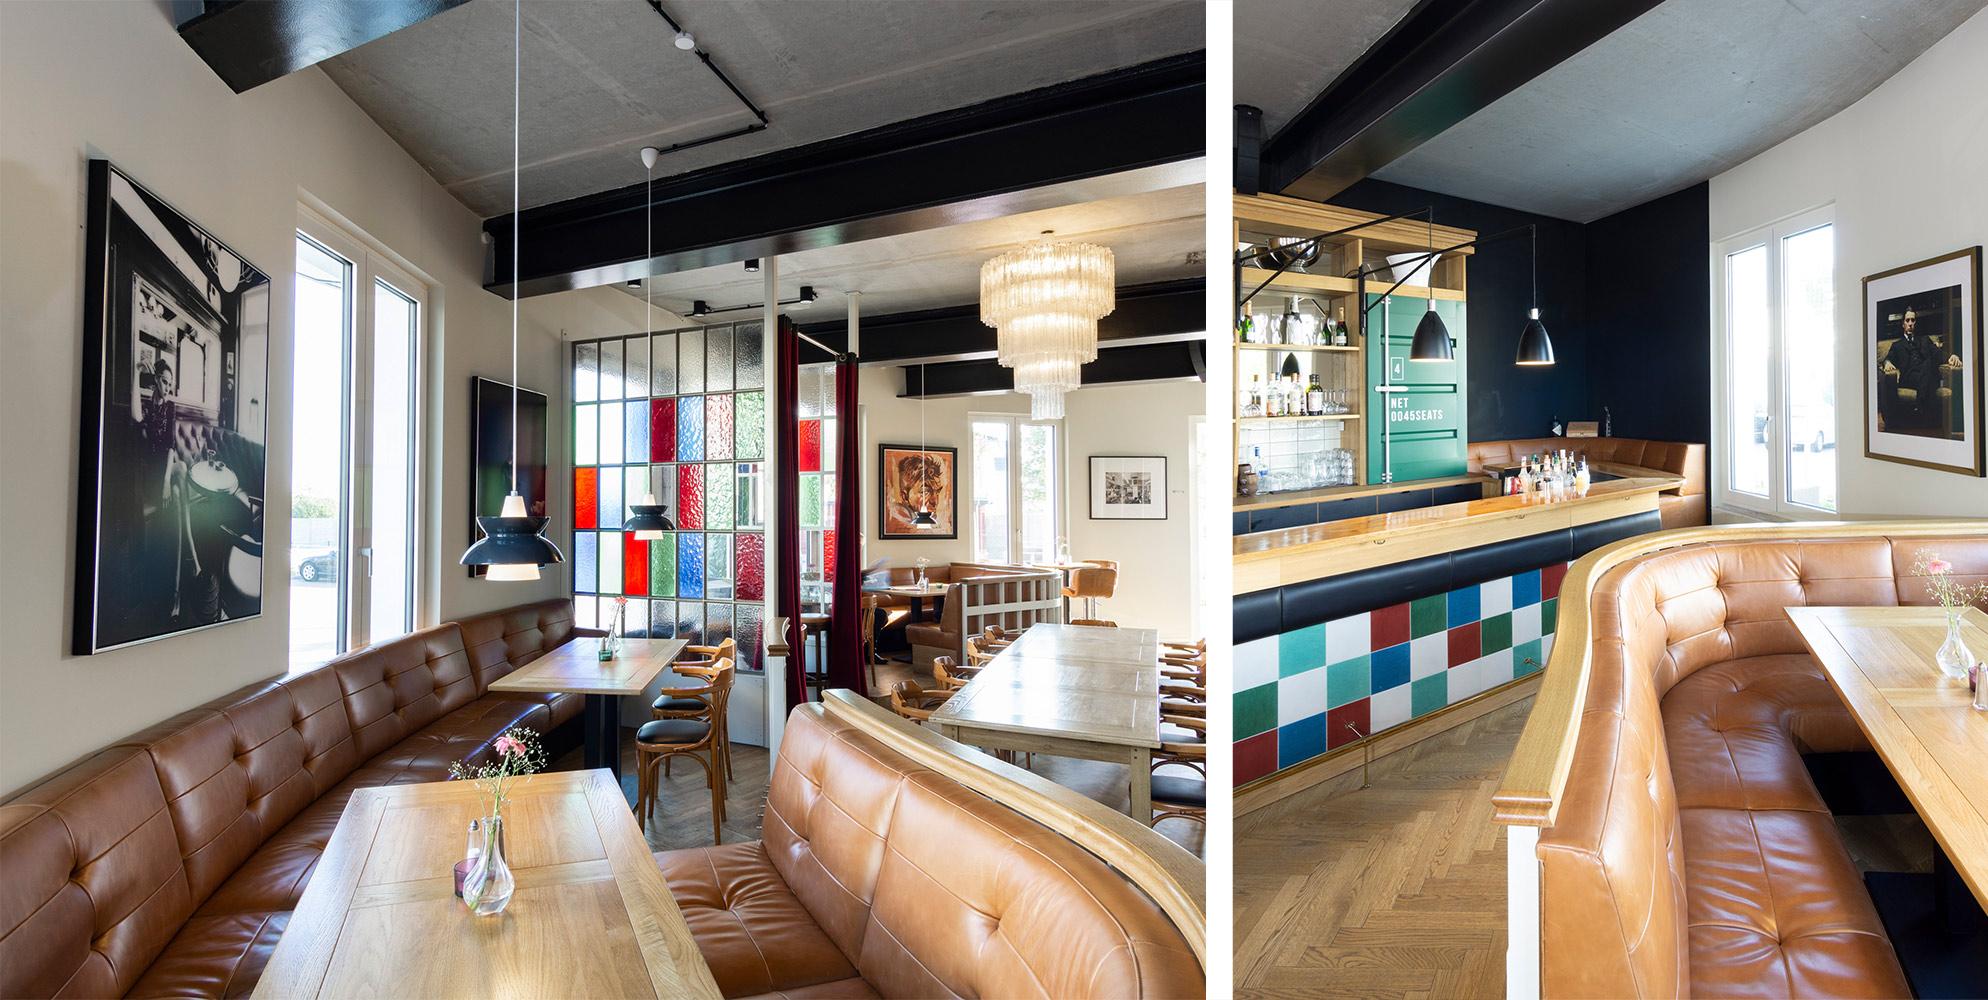 hhandwerkplusdesign hafendomizil in berlin, restaurant, interior, bar und tresen, gepolsterte bänke